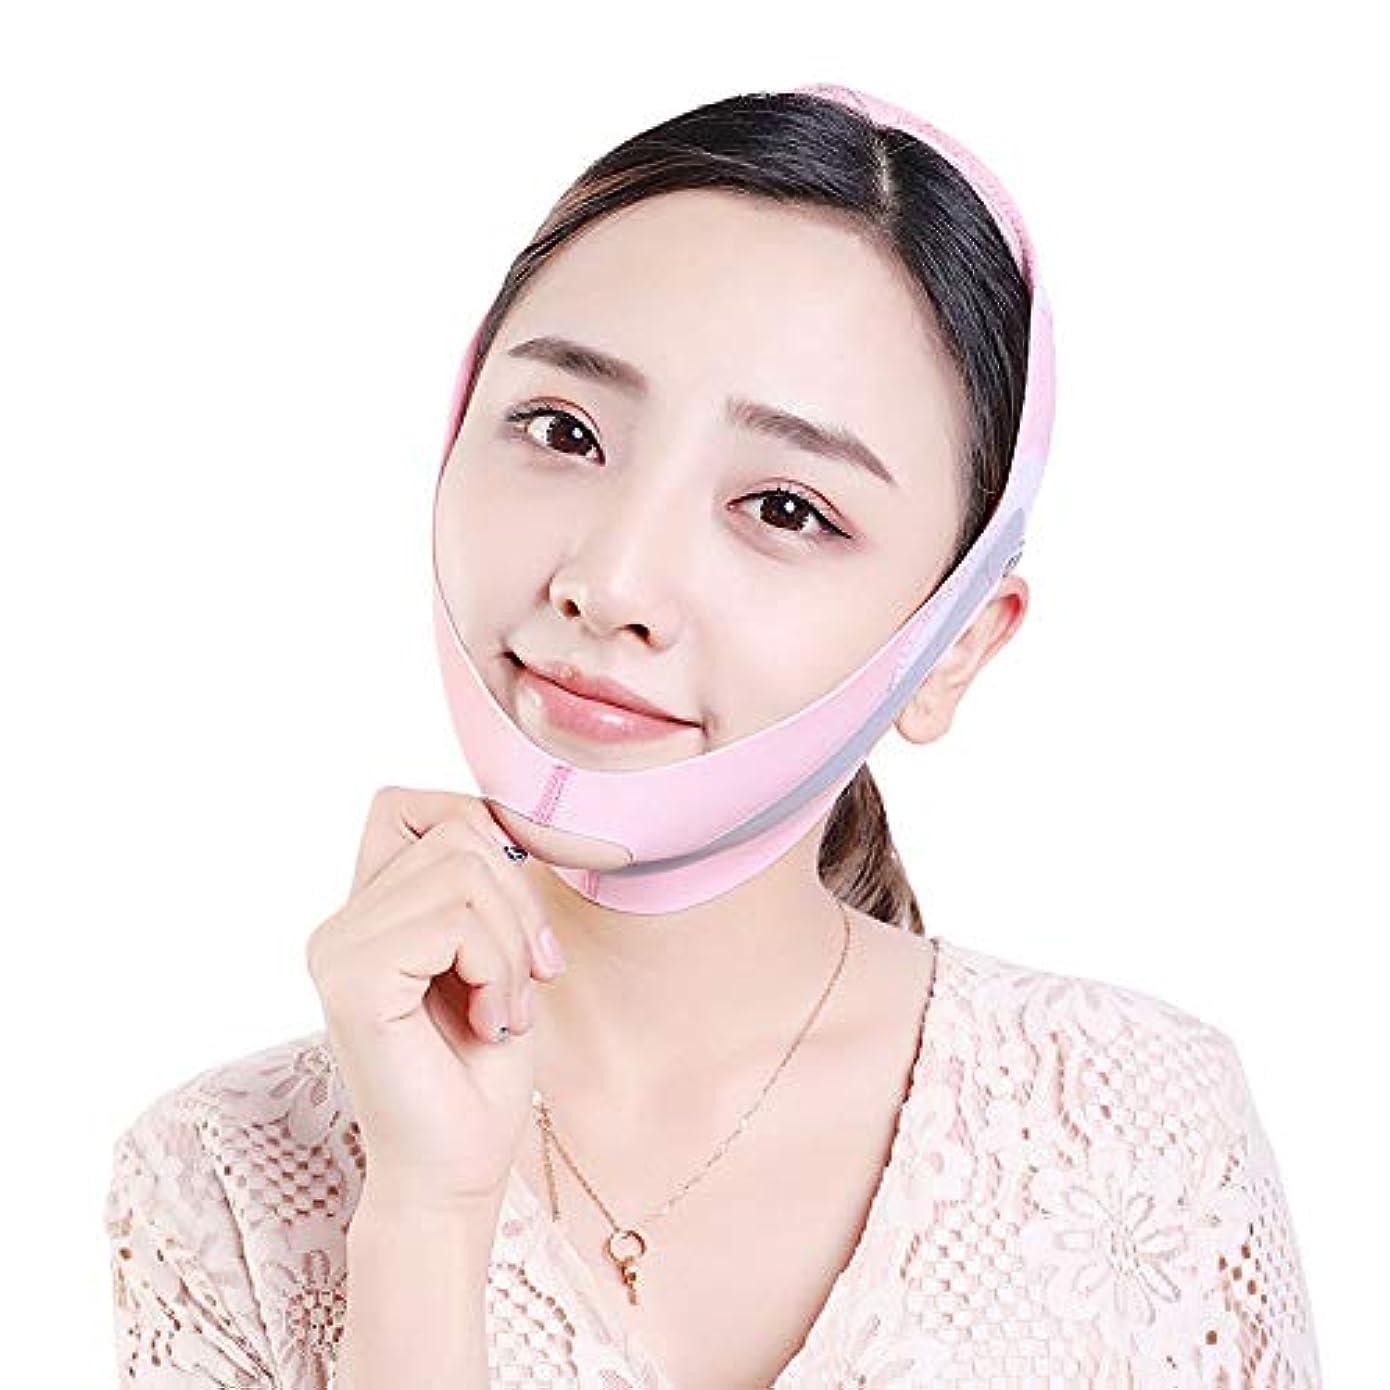 滑らかで フェイスマスク、Vフェイス包帯/リフティング咬筋収縮あご/ネックサポートリフトVフェイスベルト(ピンク)